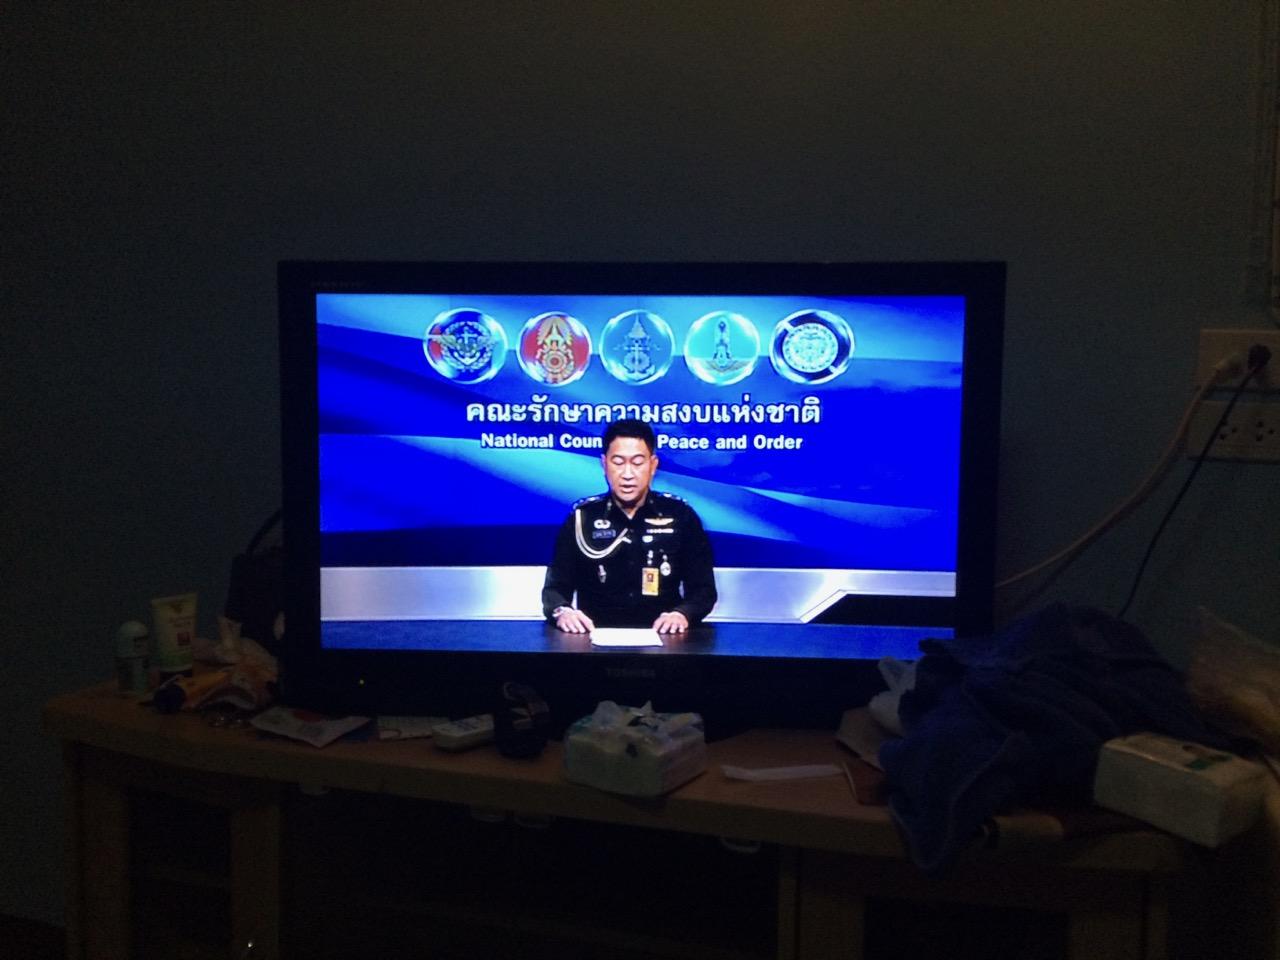 Переворот в Таиланде: По телевидению показывают только сообщения военных